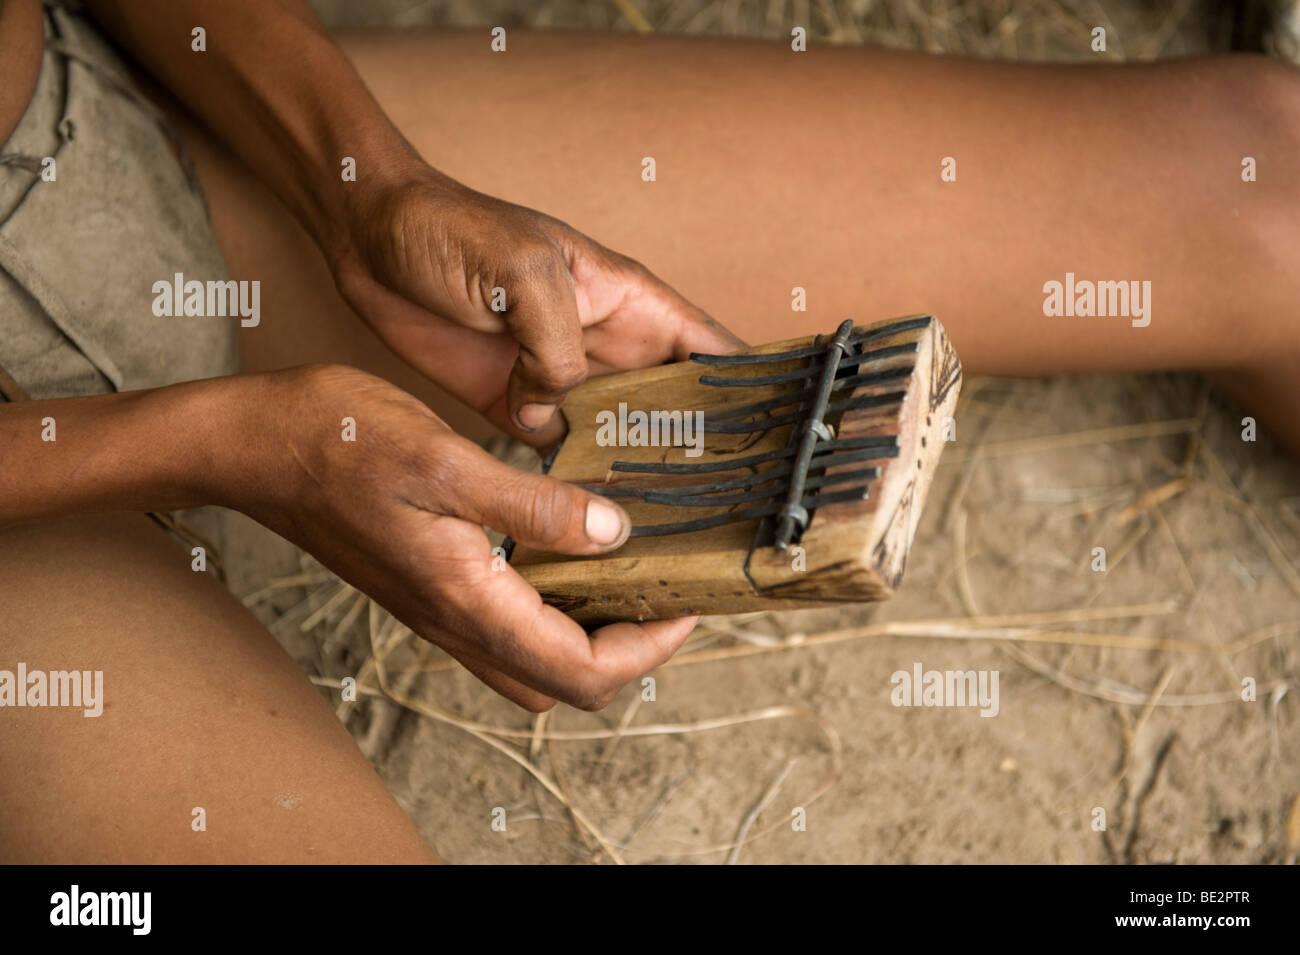 Naro bushman (San) playing music, Central Kalahari, Botswana - Stock Image